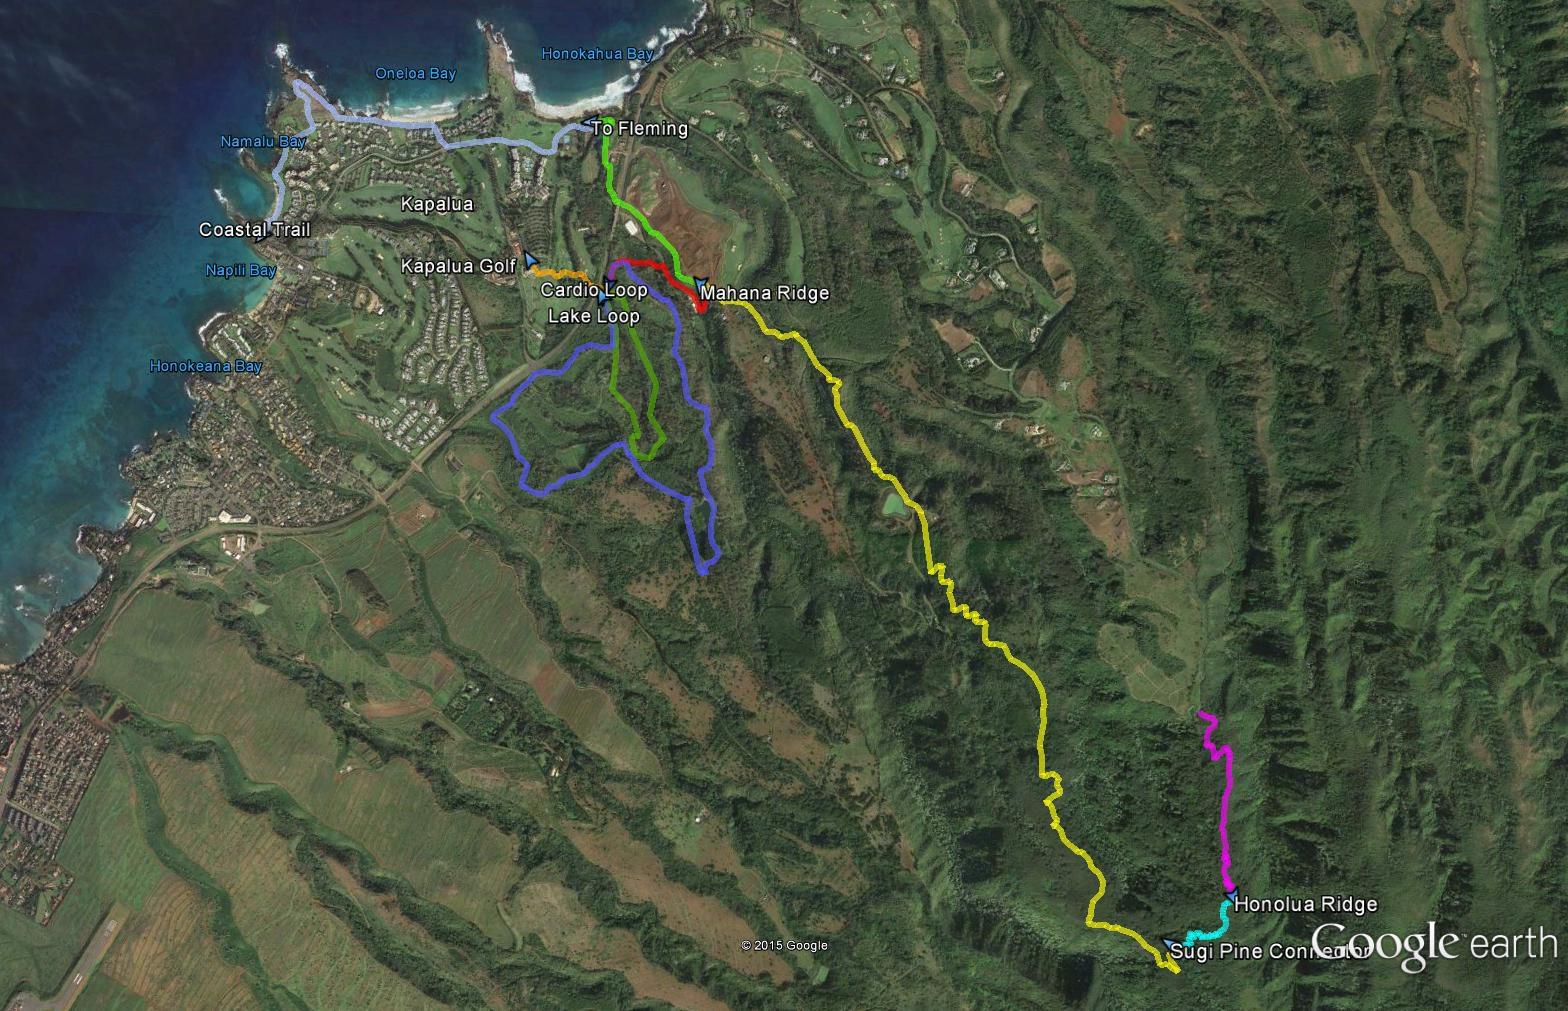 Kapalua Area Hiking Trails - Google maps trails